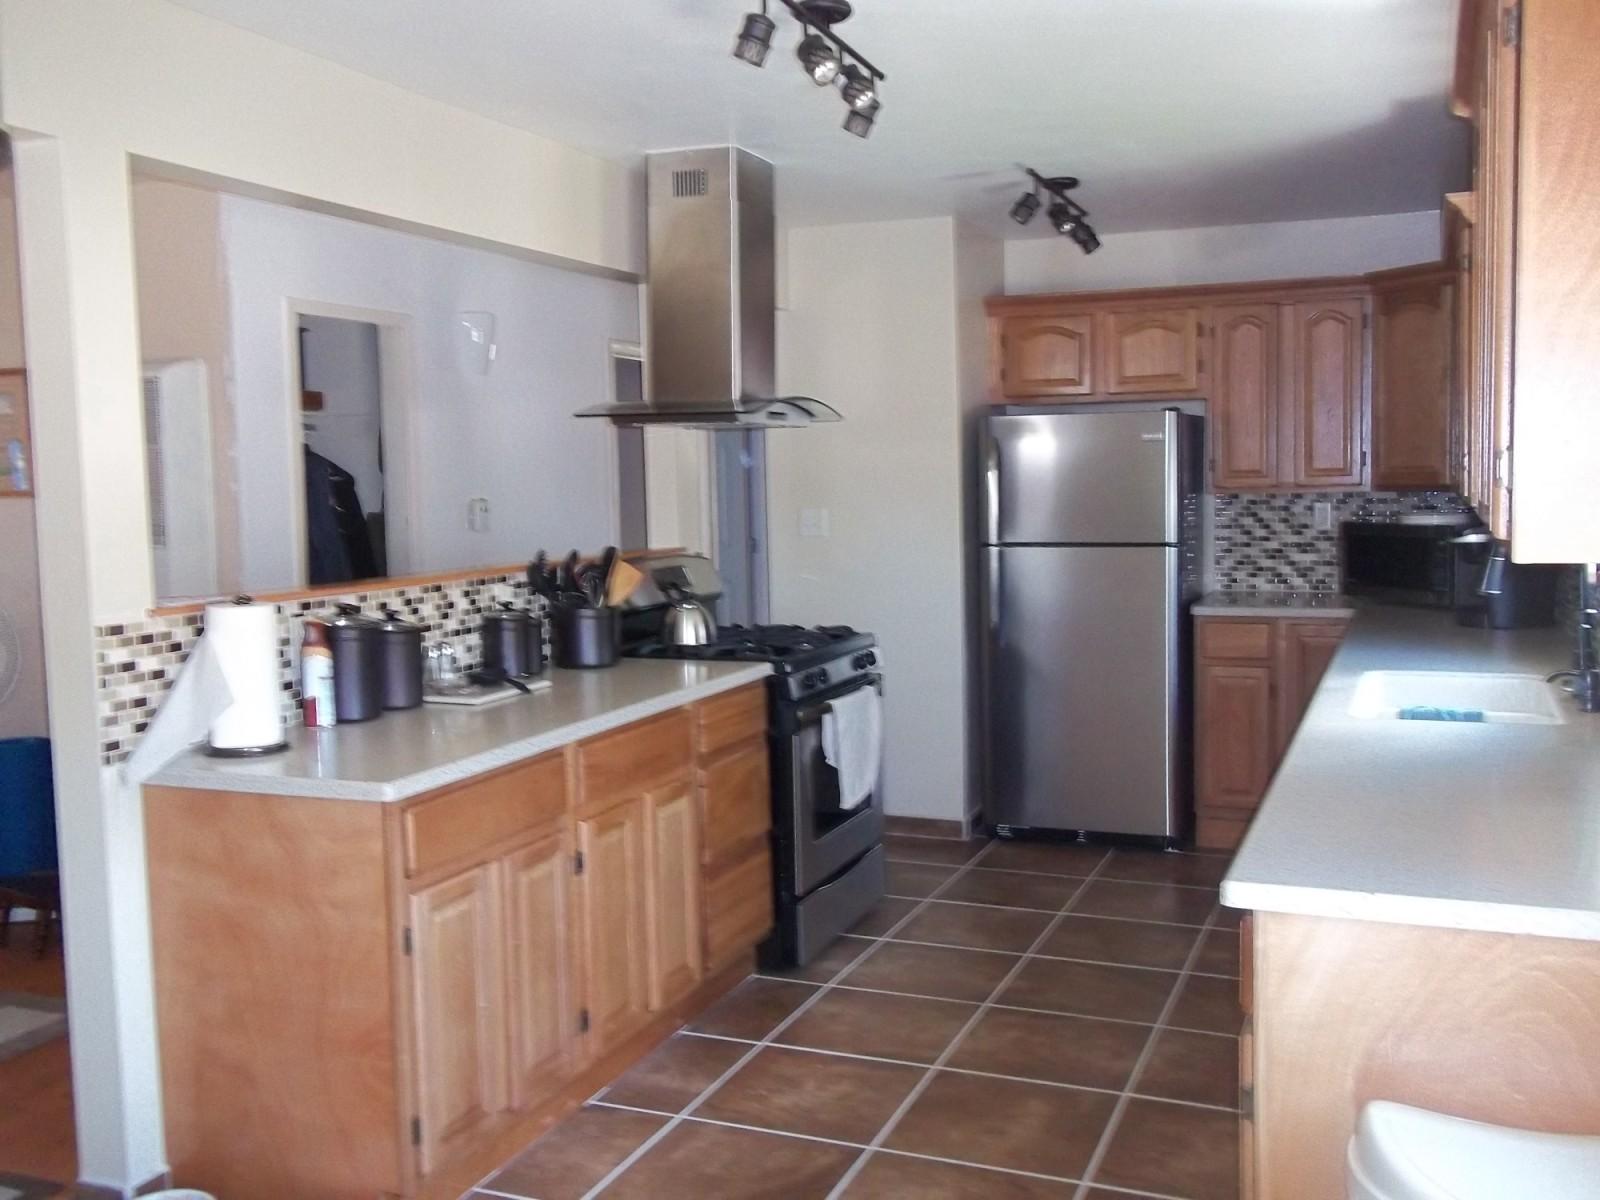 Customer oak kitchen with open floor plan rta kitchen cabinets